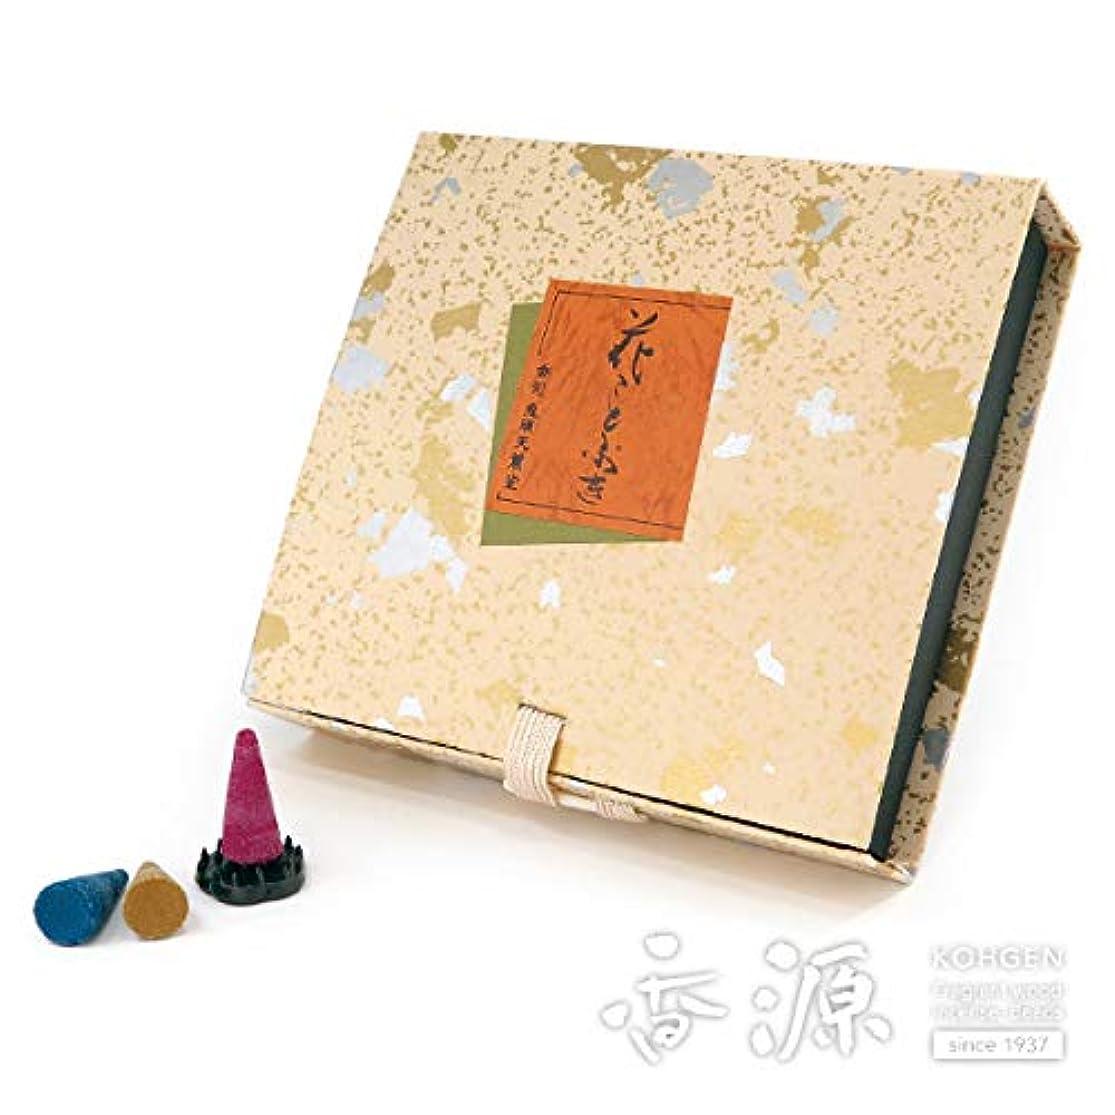 マンハッタン指標プロフェッショナル鬼頭天薫堂のお香 花ことぶき コーン型36個入